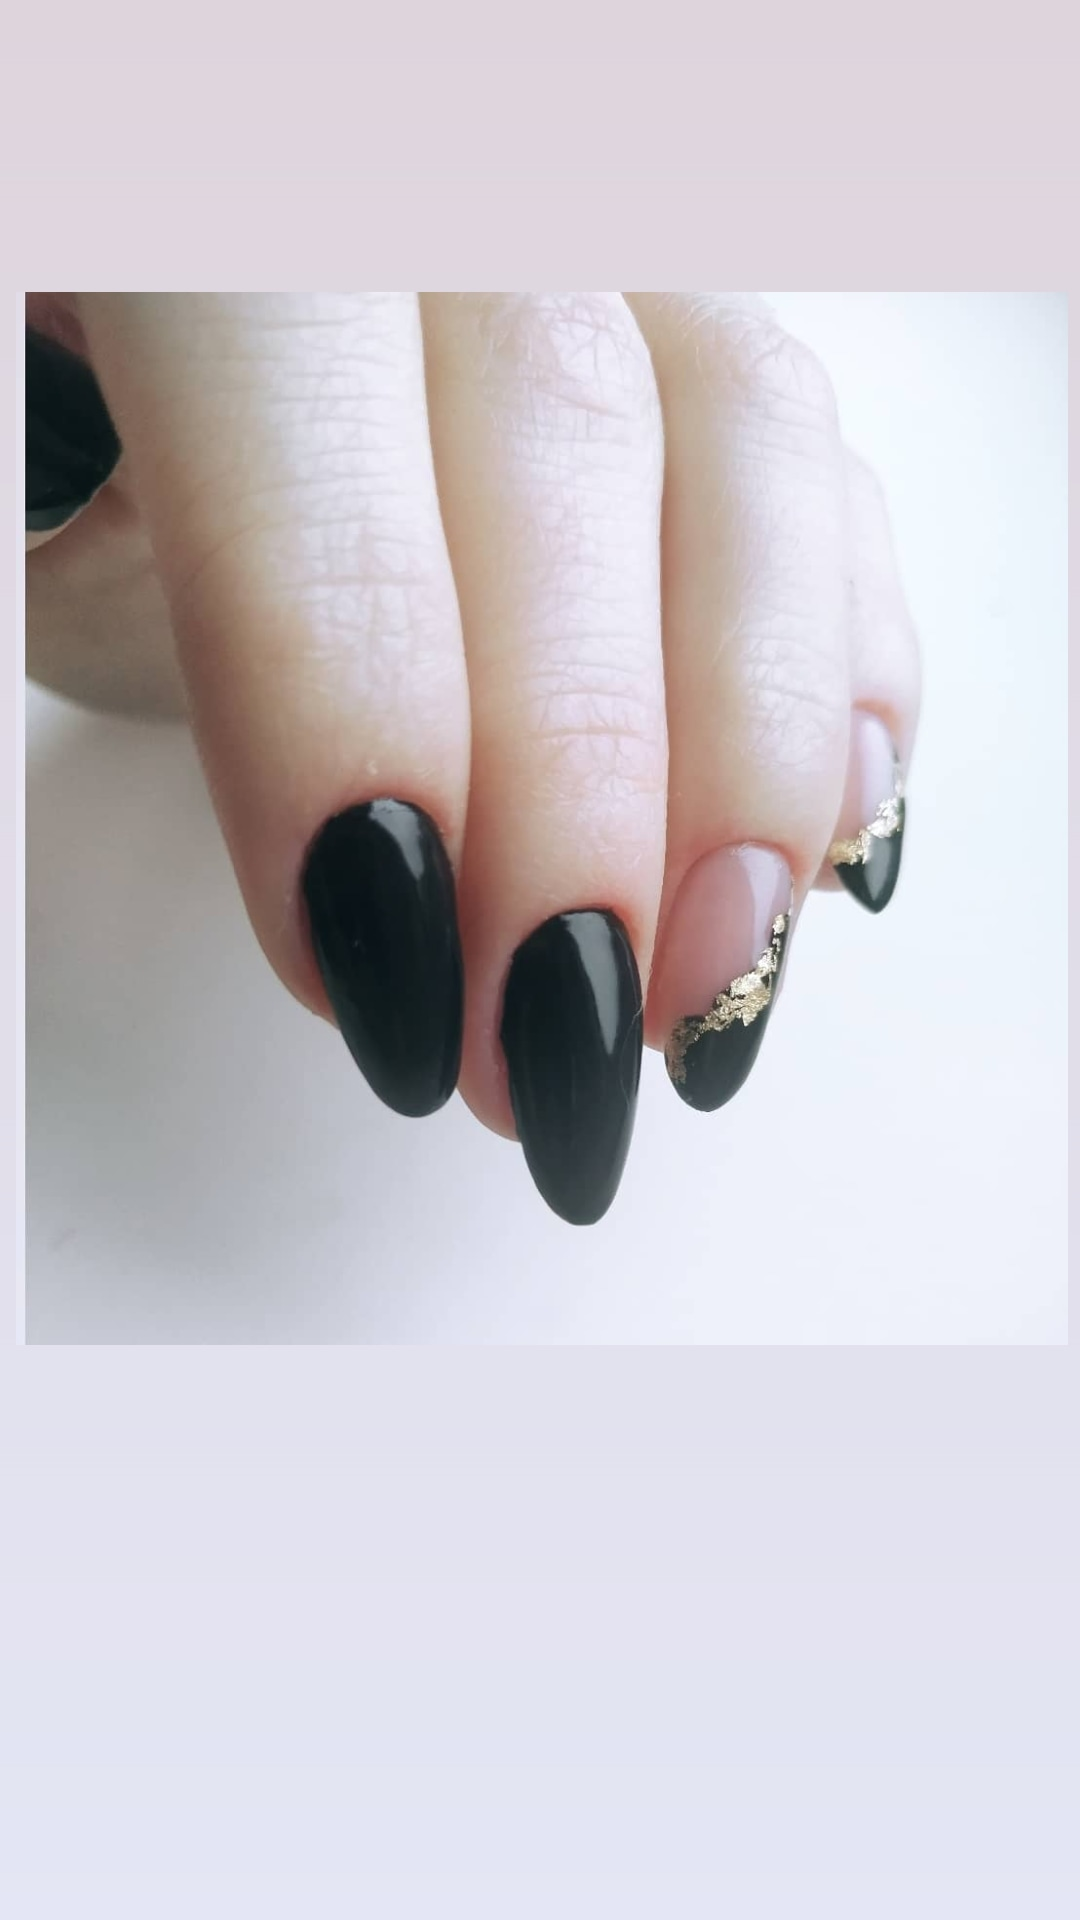 Маникюр с укреплением ногтей гелем, покрытием гель-лак + дизайн